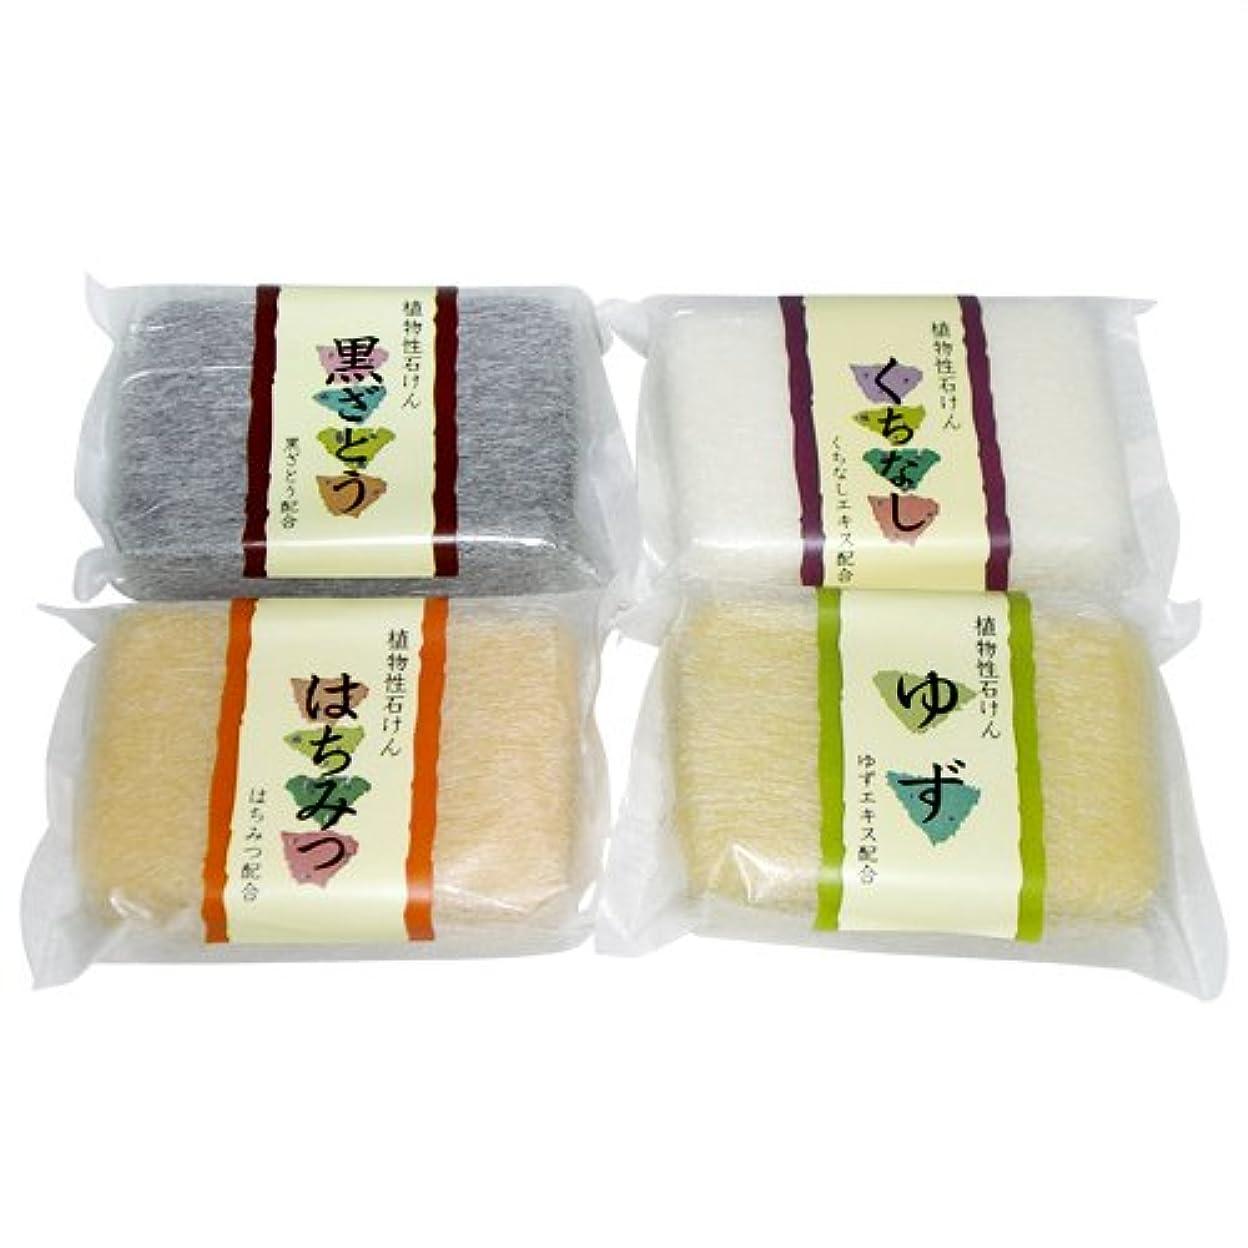 修道院楽しませる協定植物性ソープ 自然石けん (80g) 種類おまかせ 3個セット